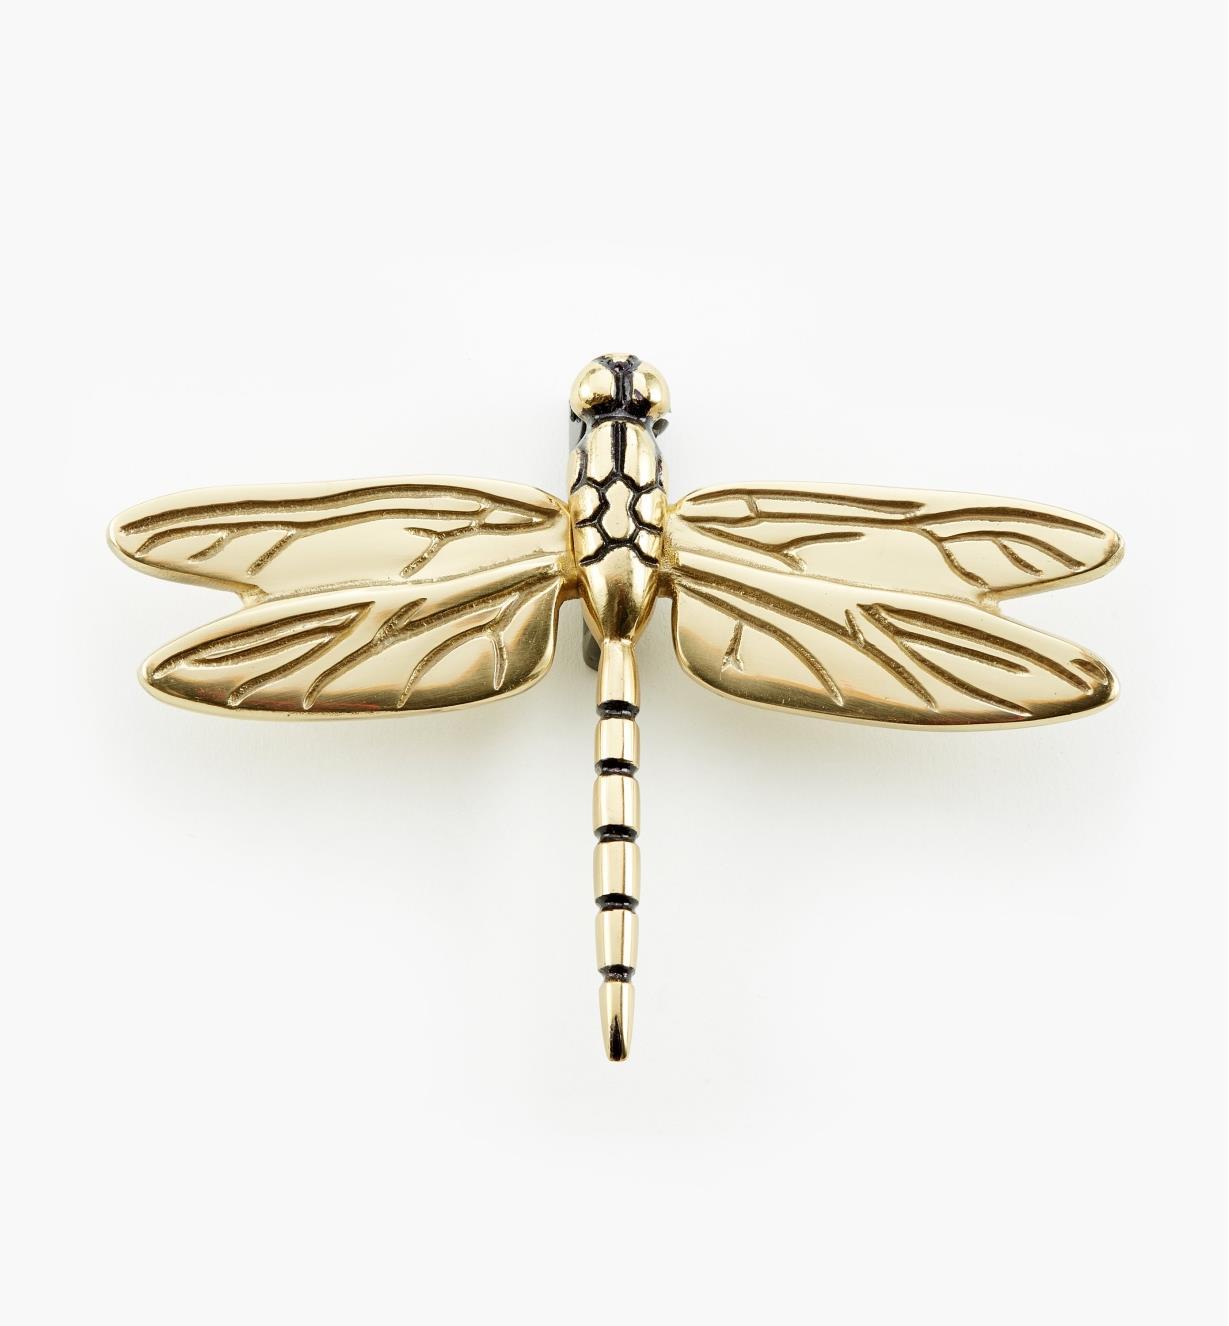 00W0812 - Polished Brass Dragonfly Door Knocker